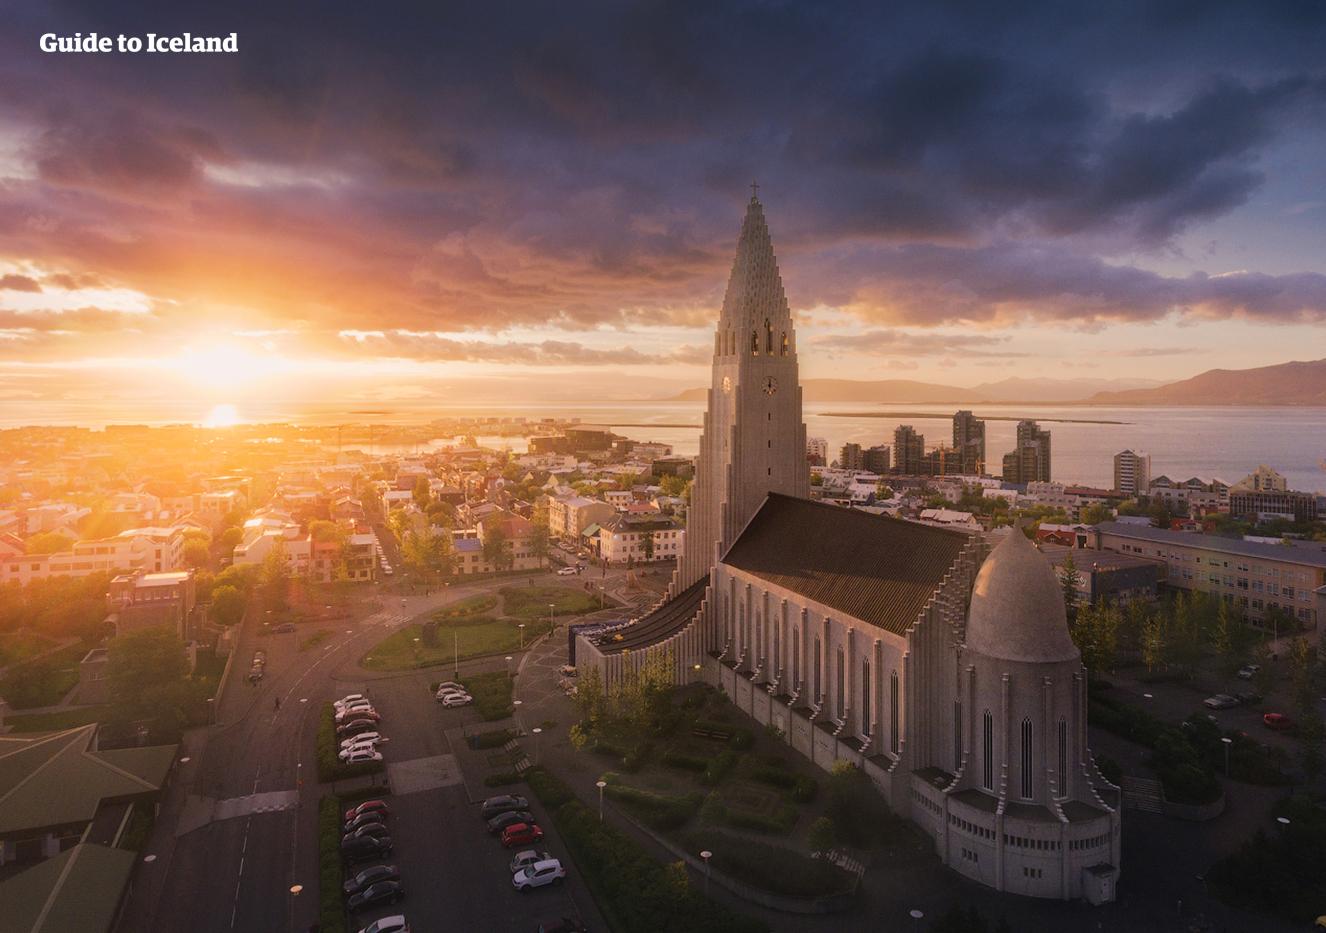 Meget af Island er dækket af skrøbelig islandsk mos. Hvis den bliver beskadiget, kan det tage årtier at reparere den, og det er en af hovedårsagerne til at undgå at træde på den.